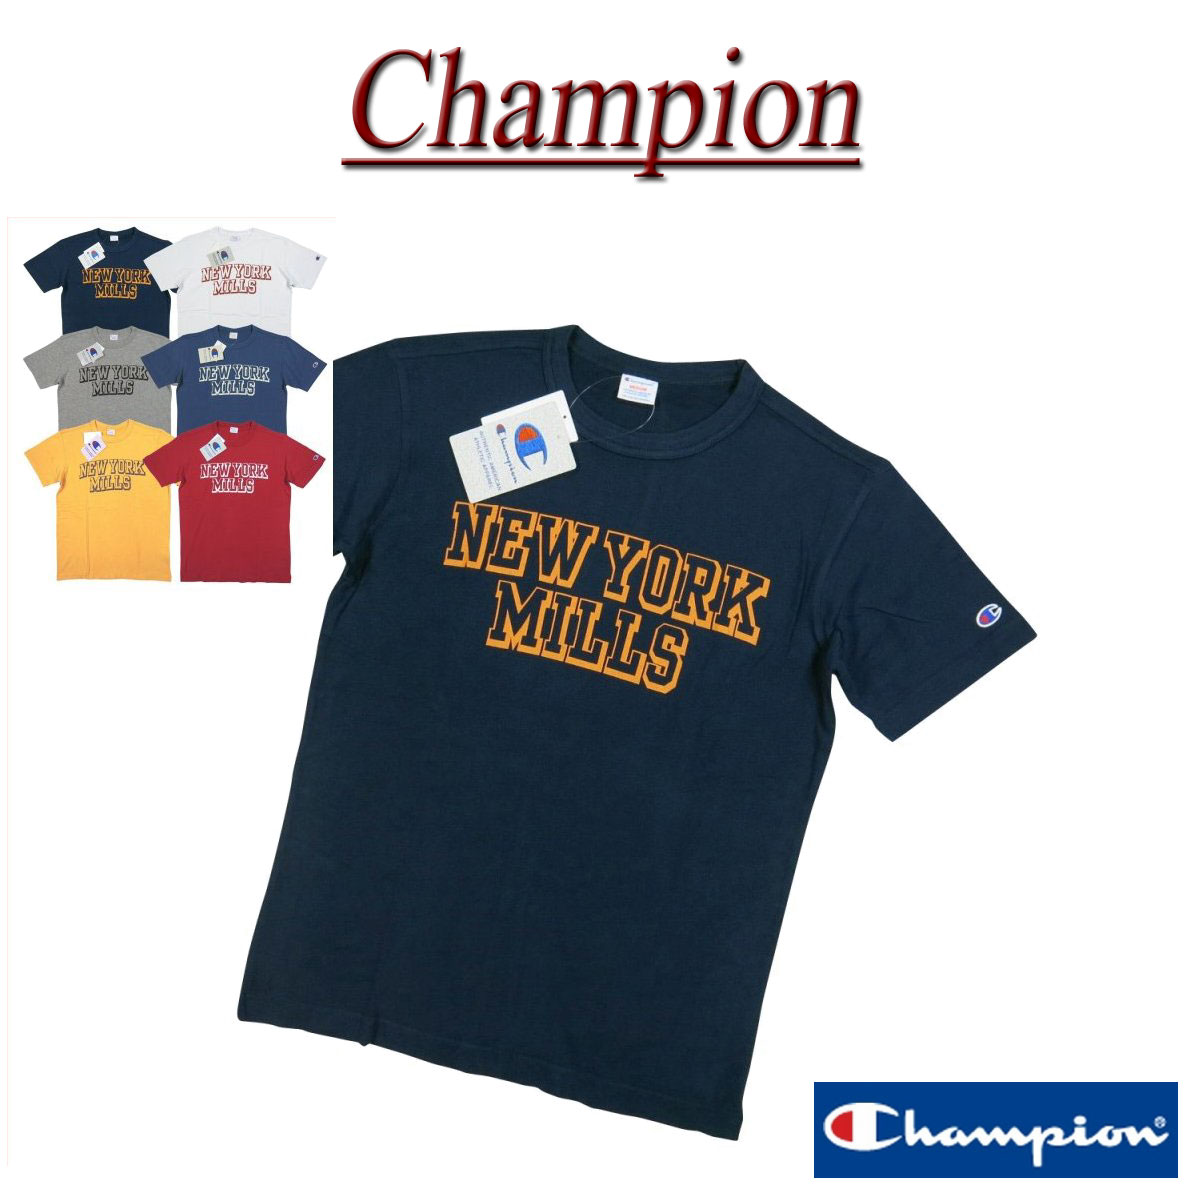 【6色3サイズ】 ja381 新品 Champion トリコロールタグ カレッジプリント 半袖 Tシャツ C3-H337 メンズ チャンピオン ラバープリント ティーシャツ アメカジ トリコタグ